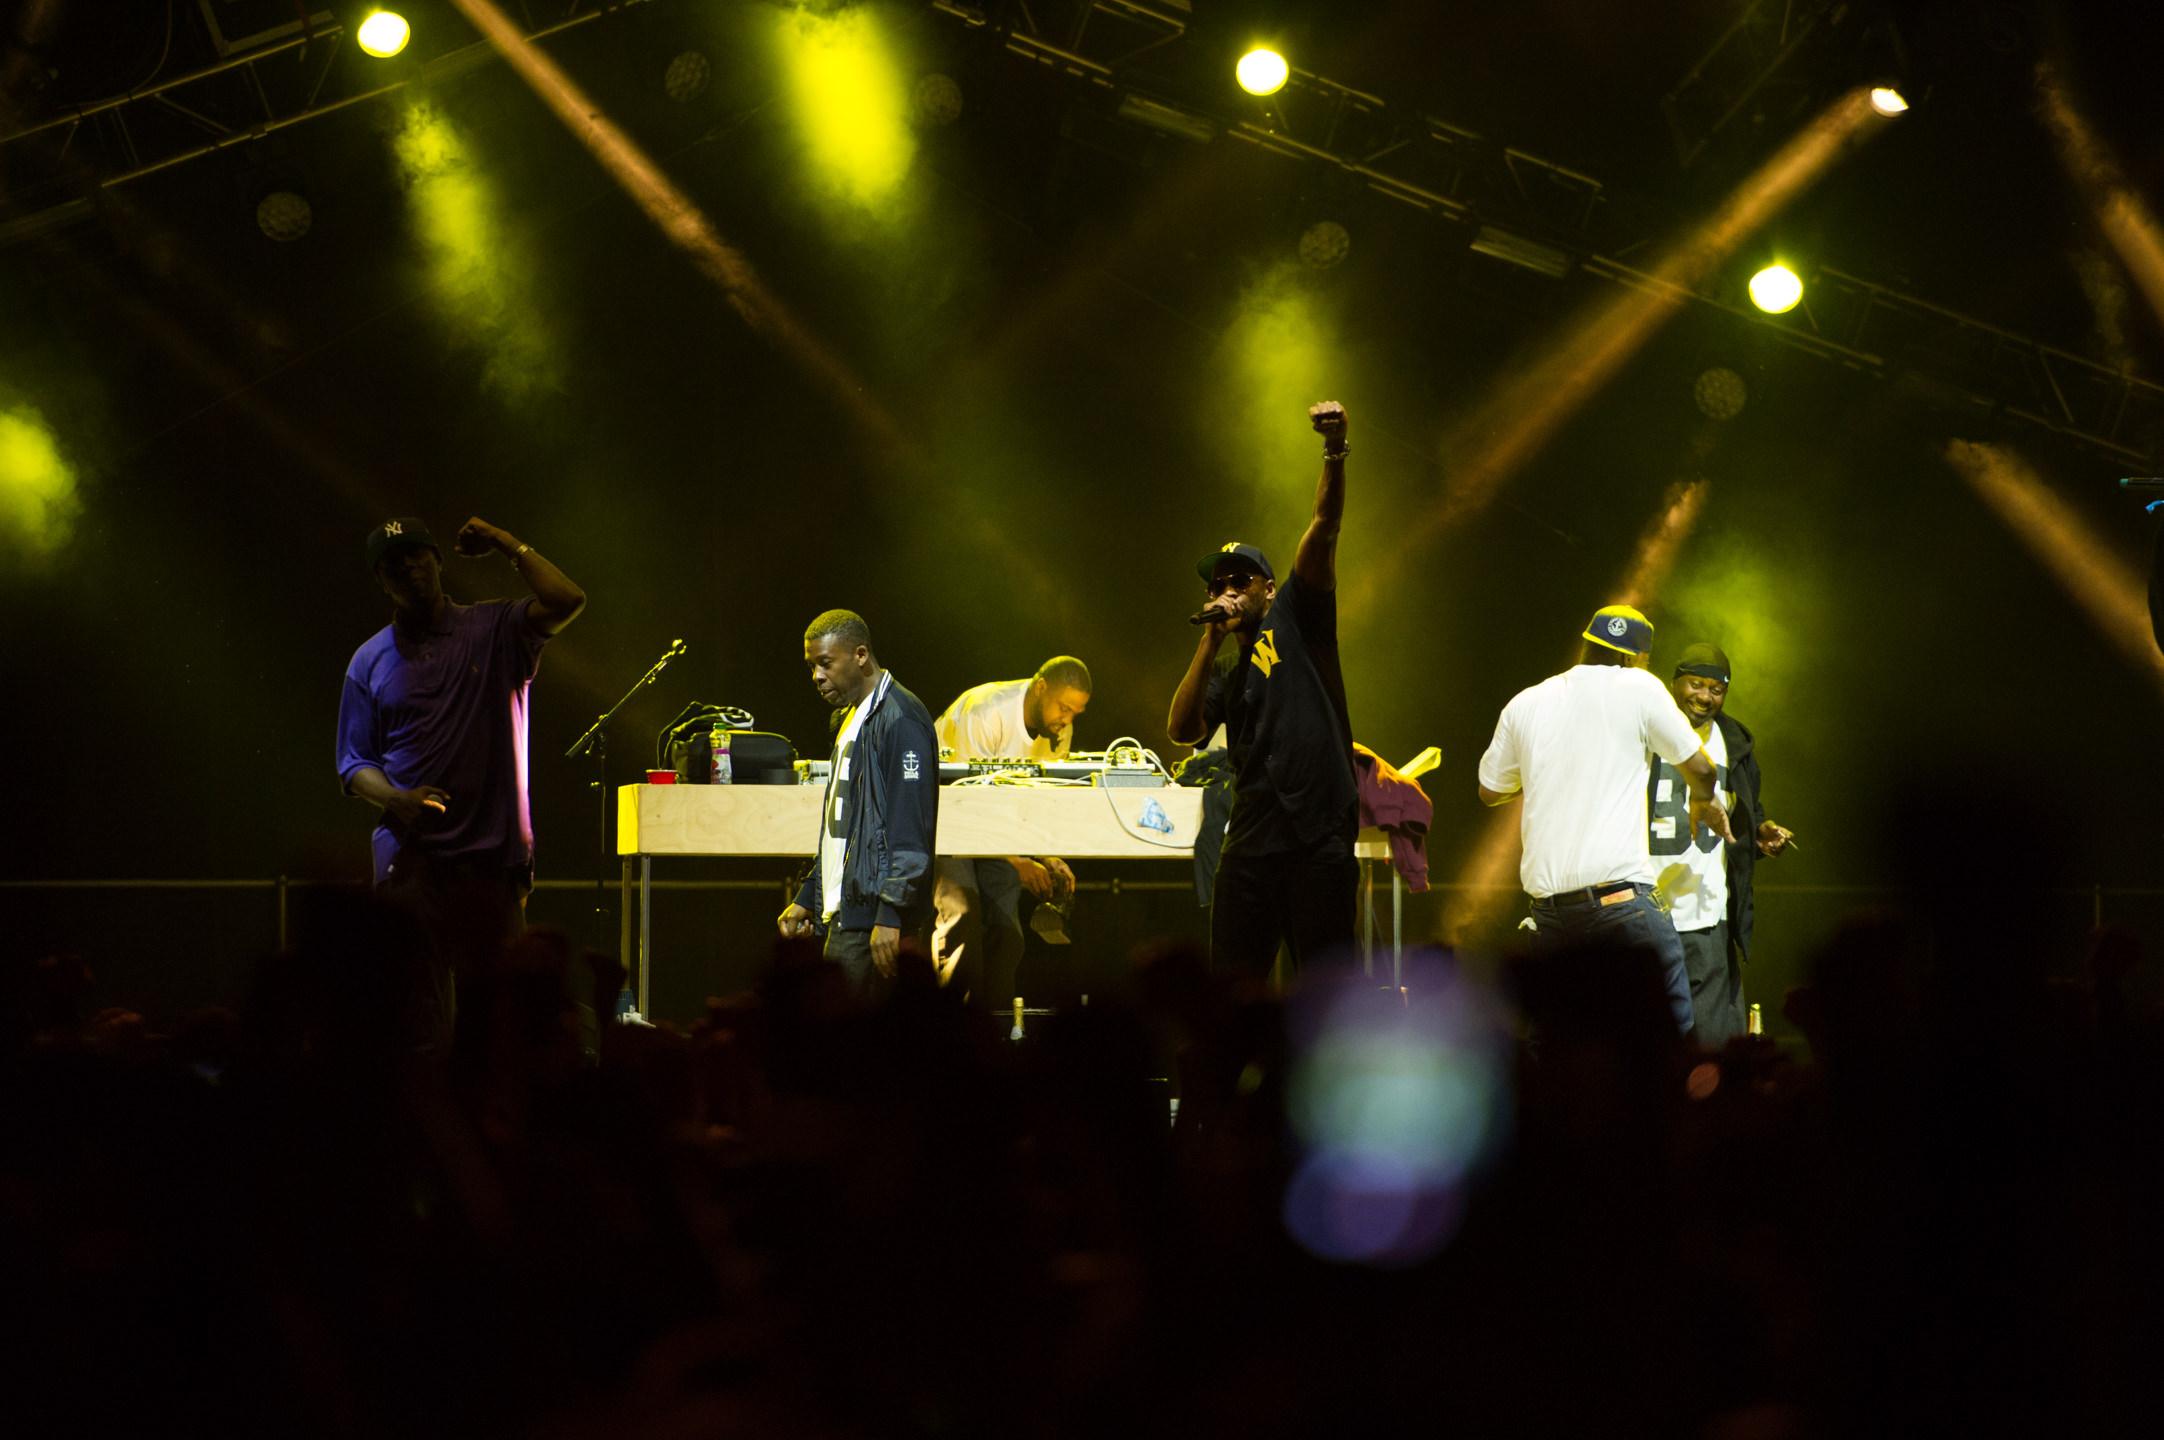 Wu-Tang Clan headlining at Bumbershoot Music Festival at Seattle Center 2014